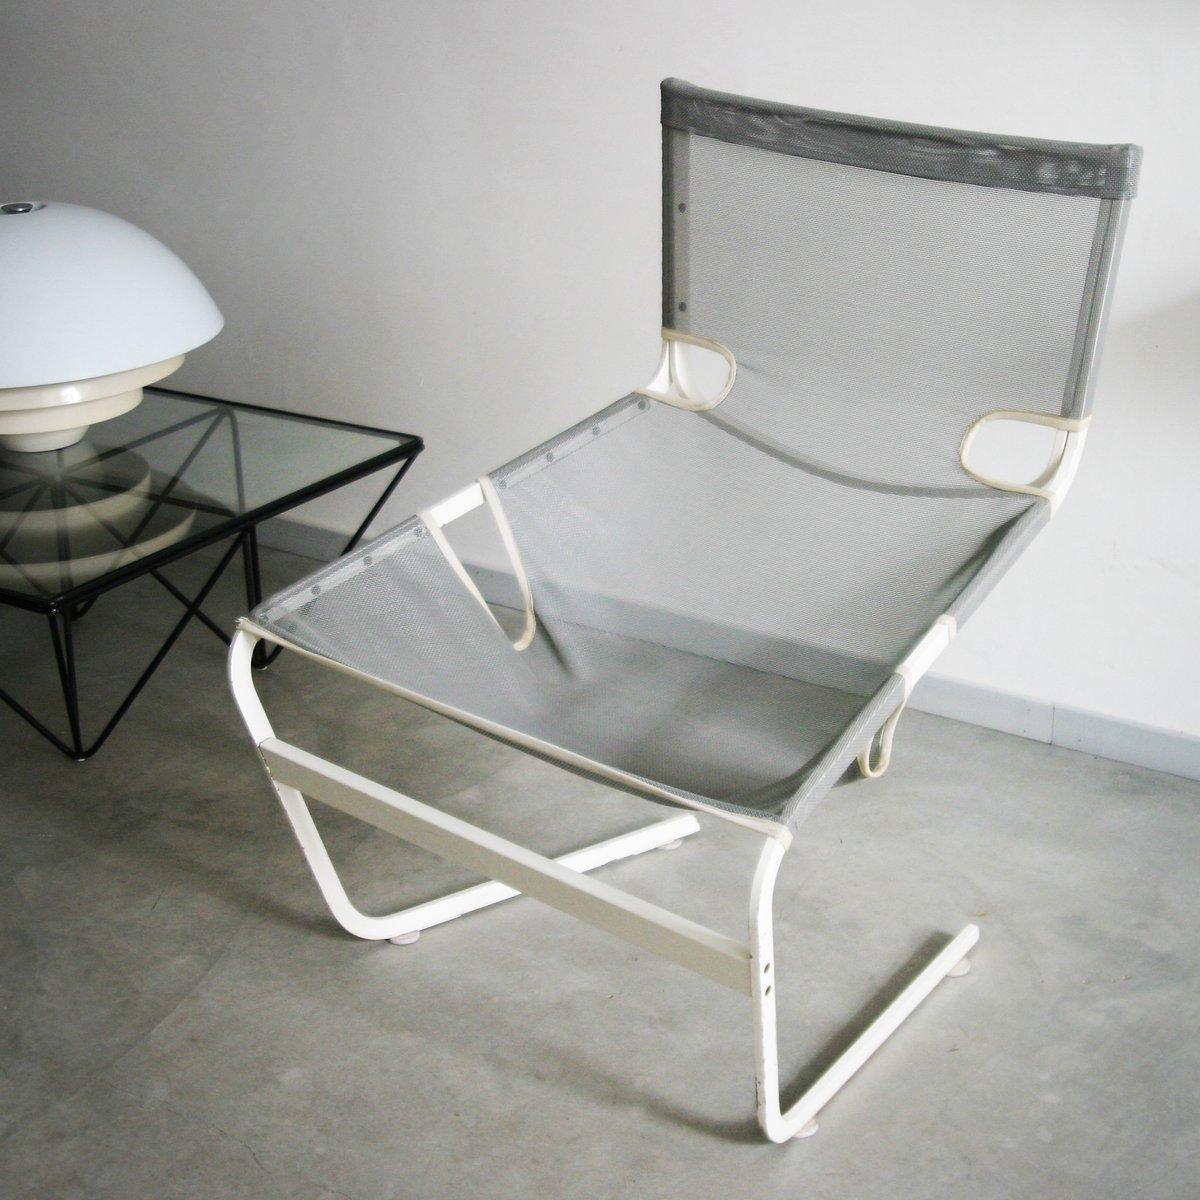 fauteuil mod le f444 par pierre paulin pour artifort en vente sur pamono. Black Bedroom Furniture Sets. Home Design Ideas